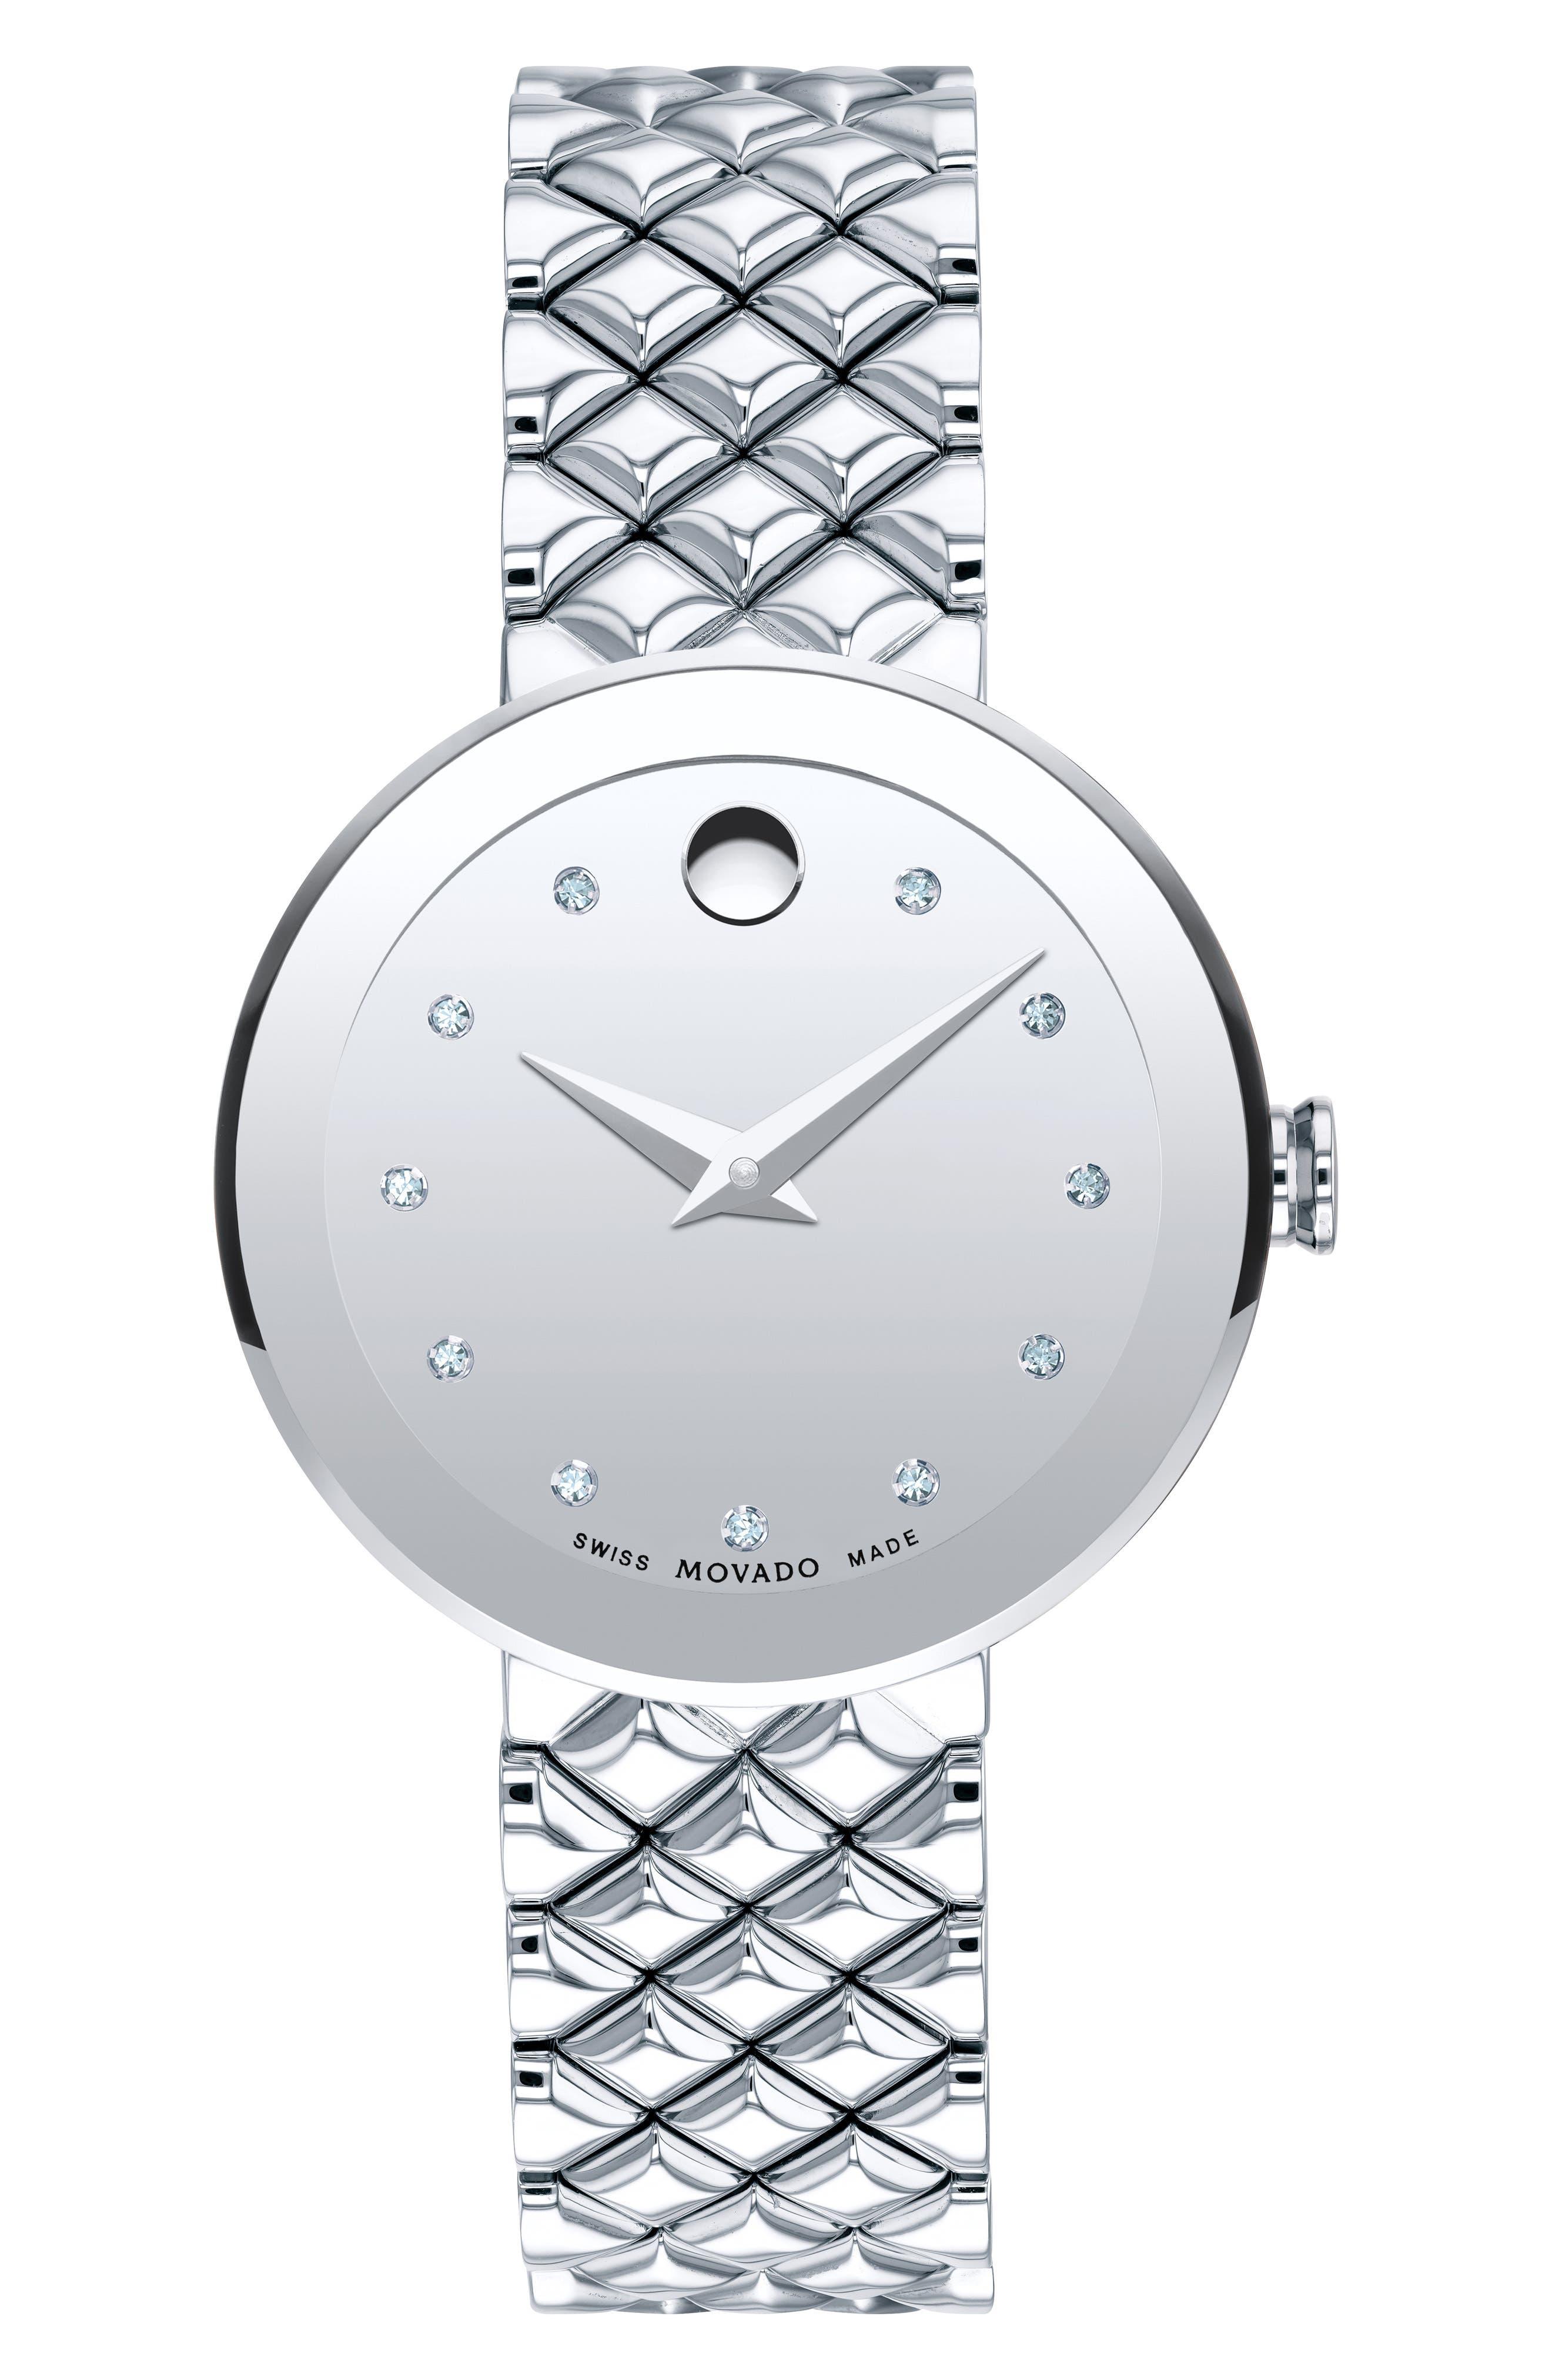 MOVADO Sapphire Diamond Silver-Tone Watch, 30Mm in Silver/ Gold Mirror/ Silver